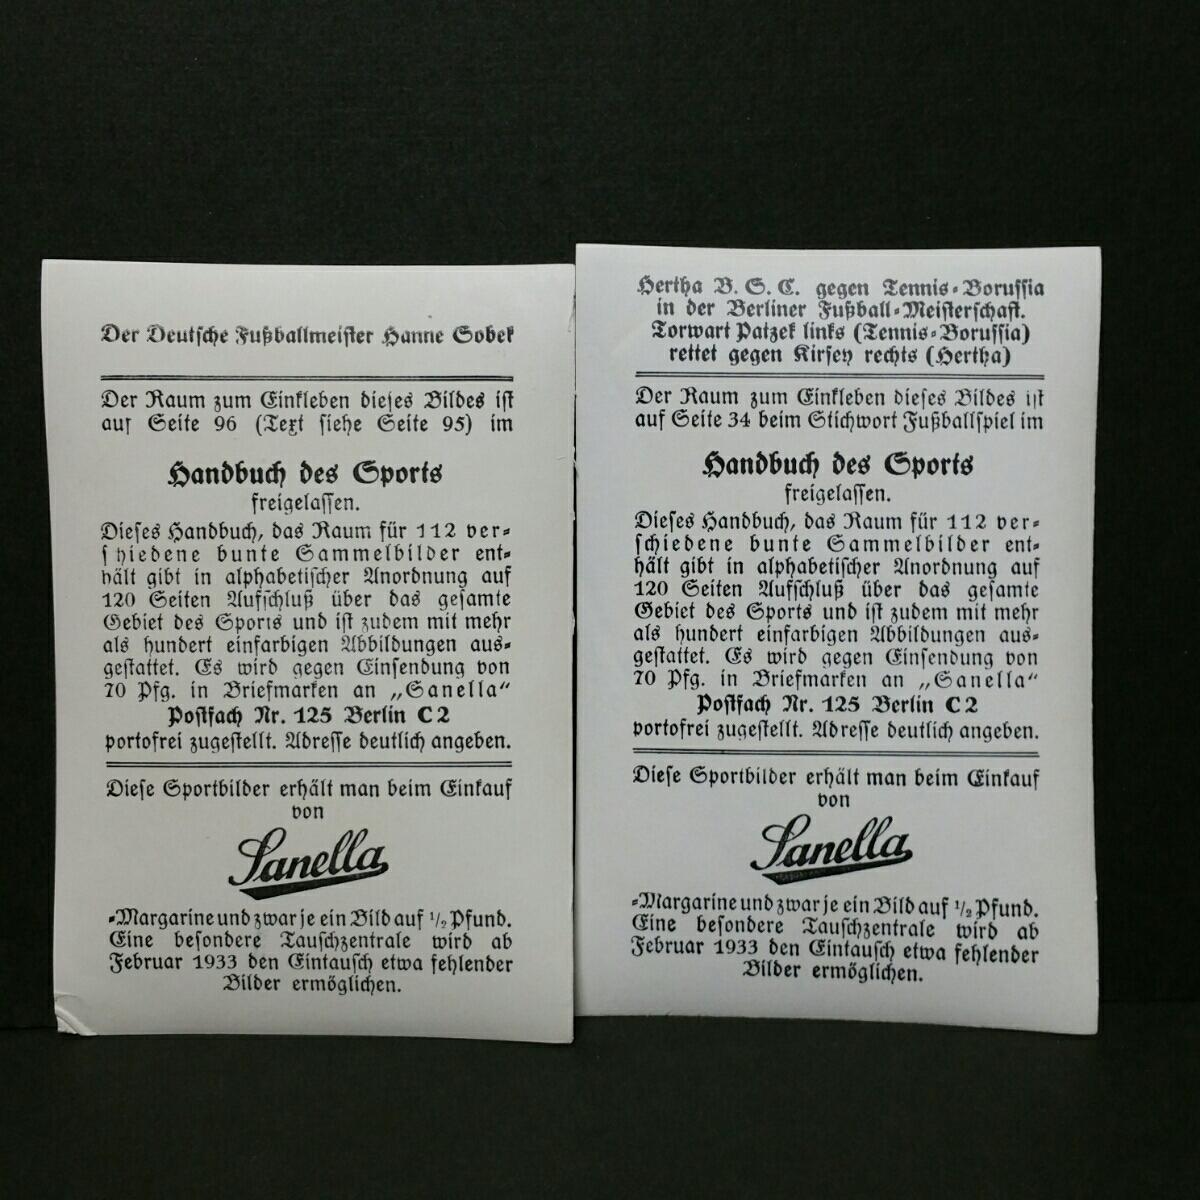 1933 sanella set スポーツカード サッカー テニス・ボルシア・ベルリン(チーム)/ブロマイド_画像2